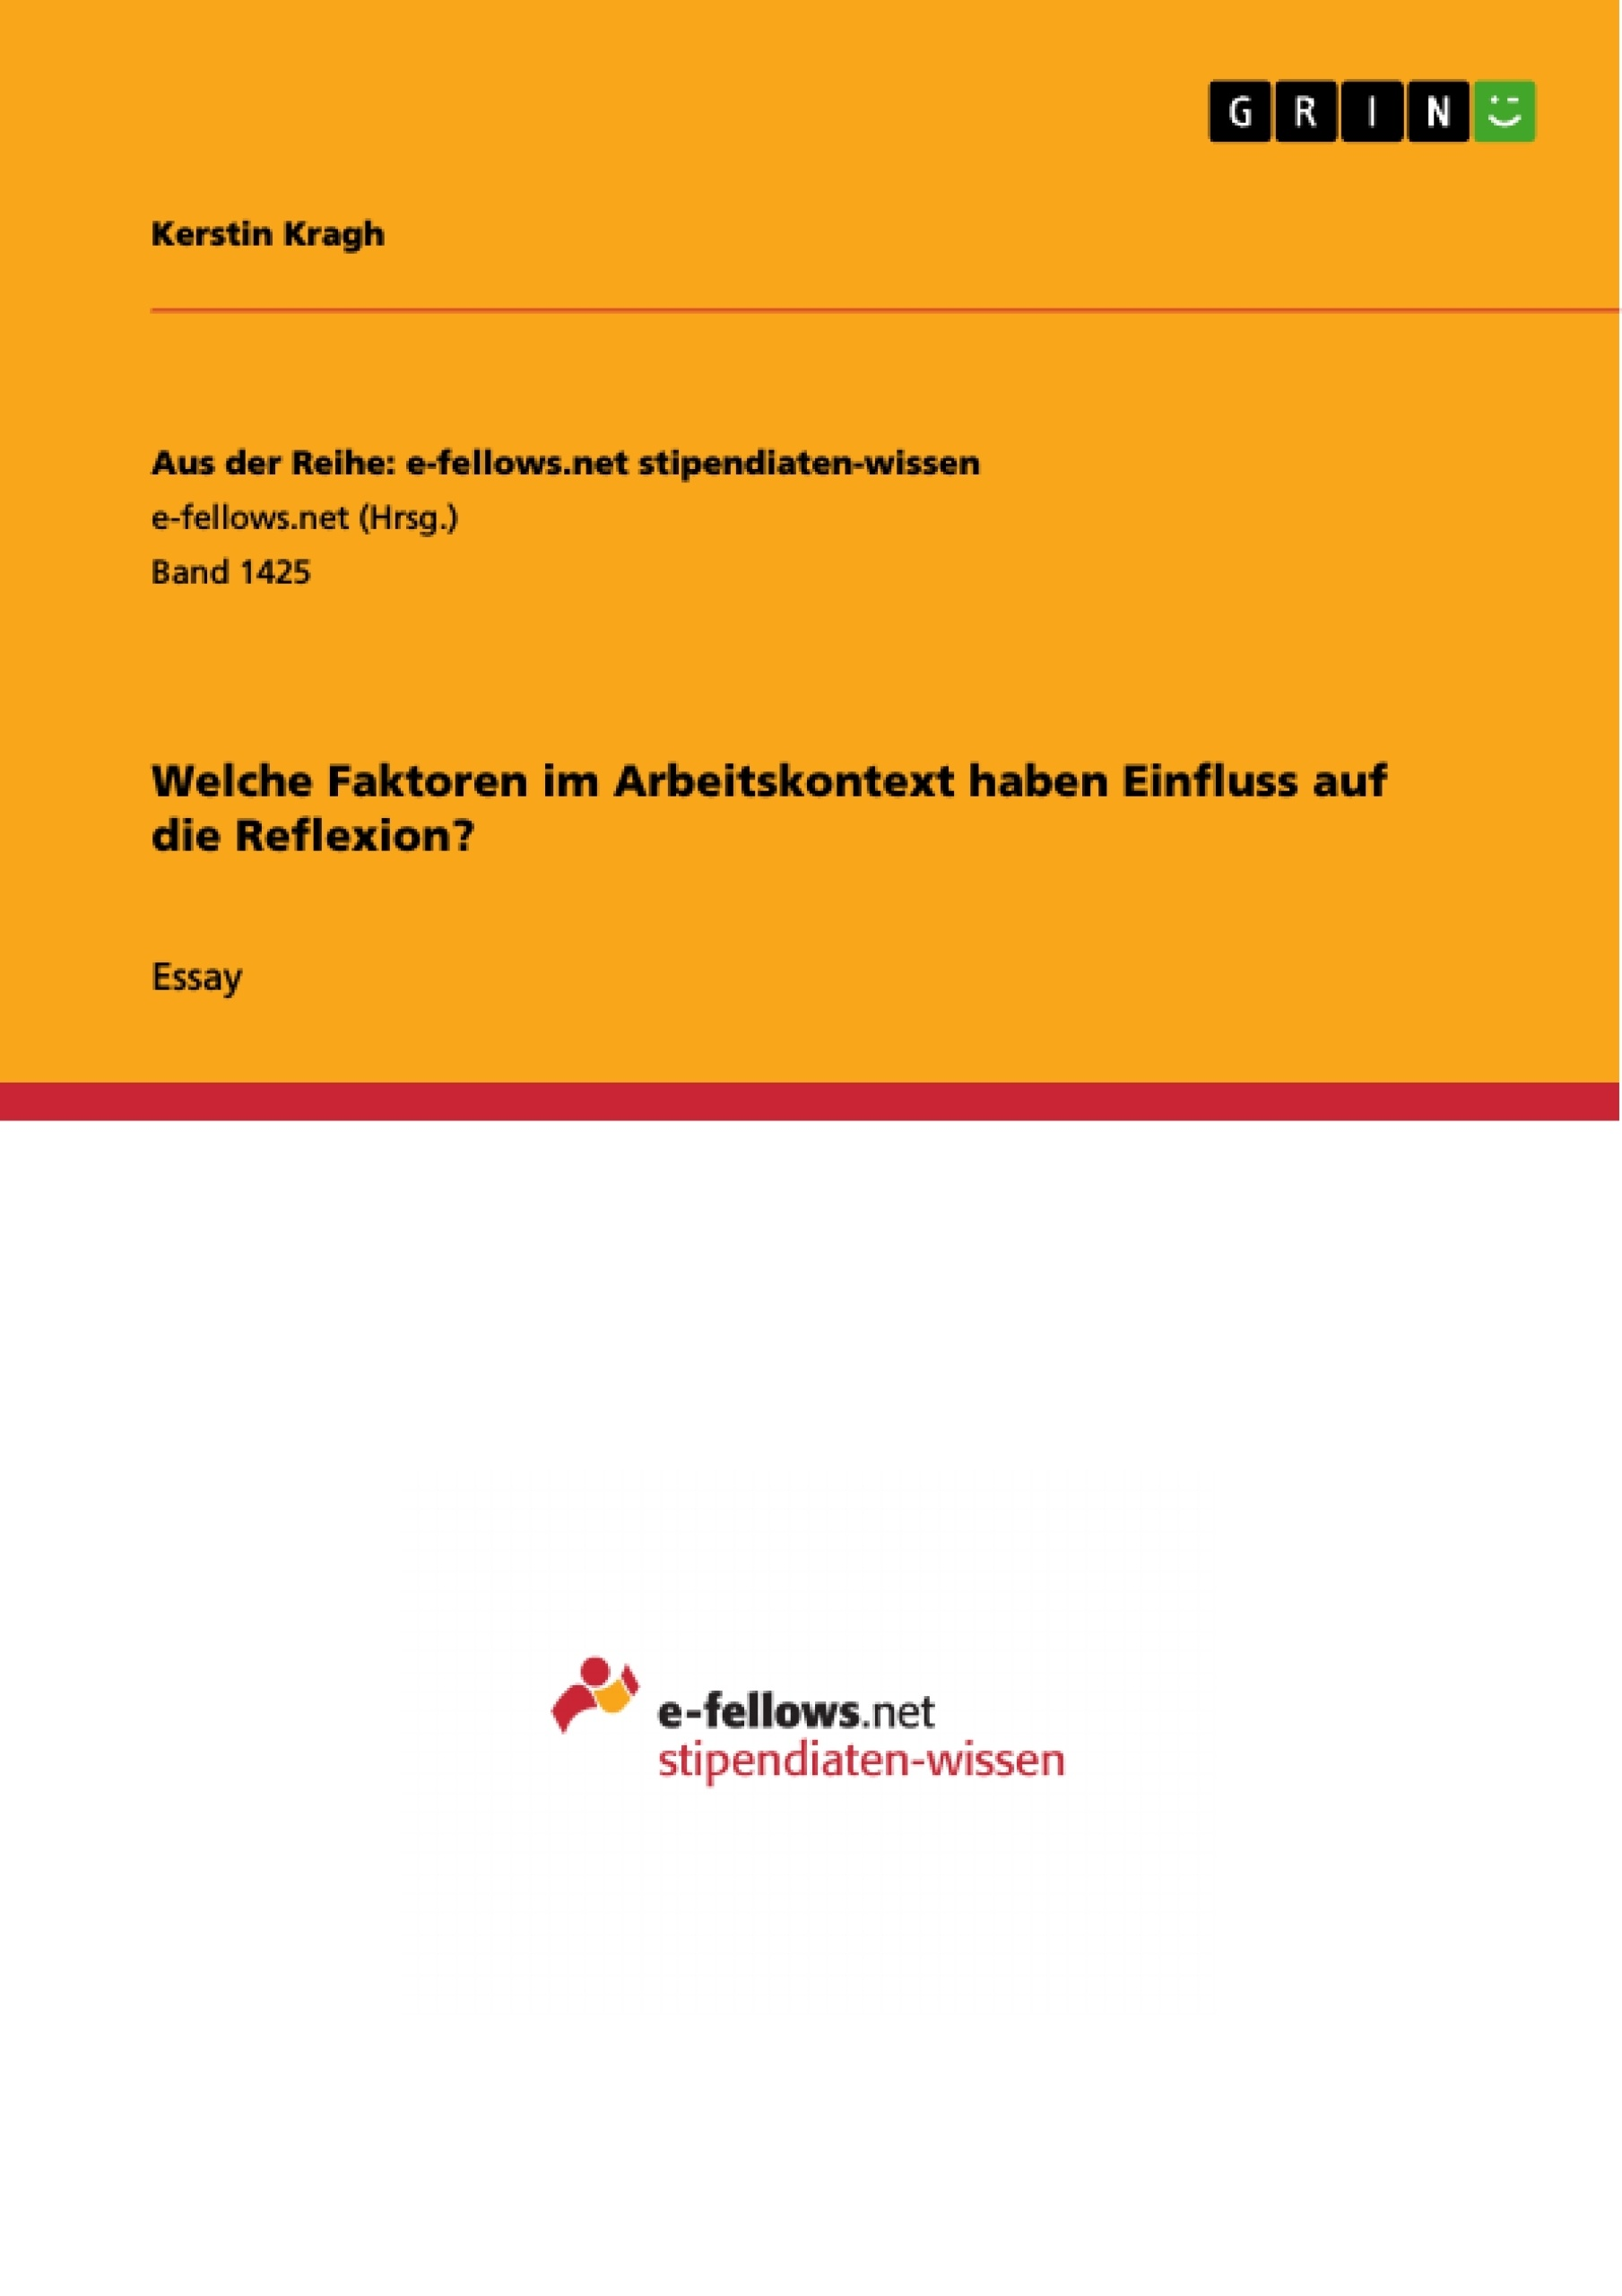 Titel: Welche Faktoren im Arbeitskontext haben Einfluss auf die Reflexion?